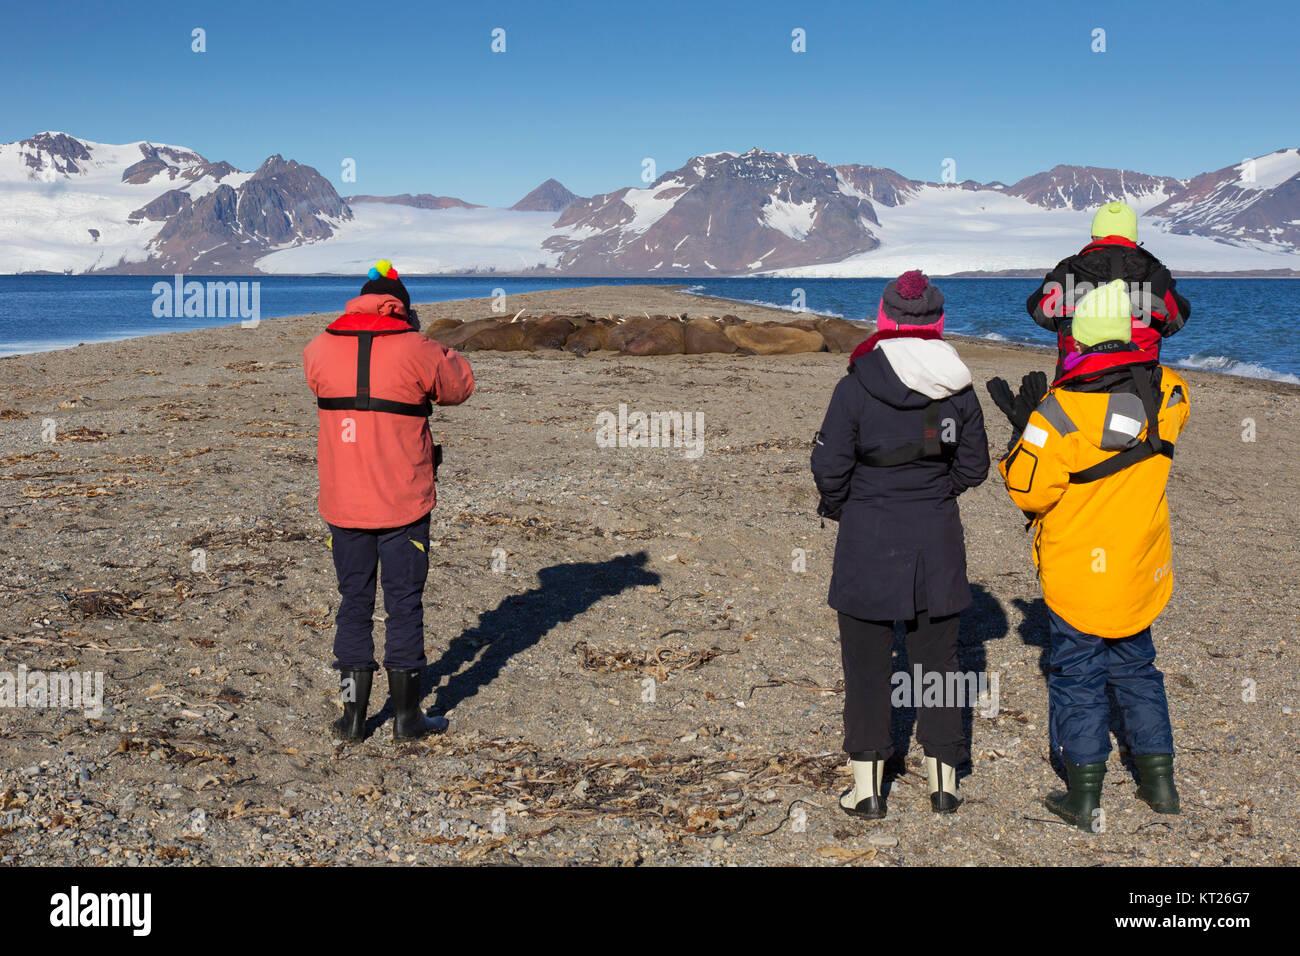 Eco - Touristen beobachten Gruppe männlicher Walrosse (Odobenus rosmarus) am Strand von Phippsøya in Sjuøyane, Nordaustlandet, Stockfoto